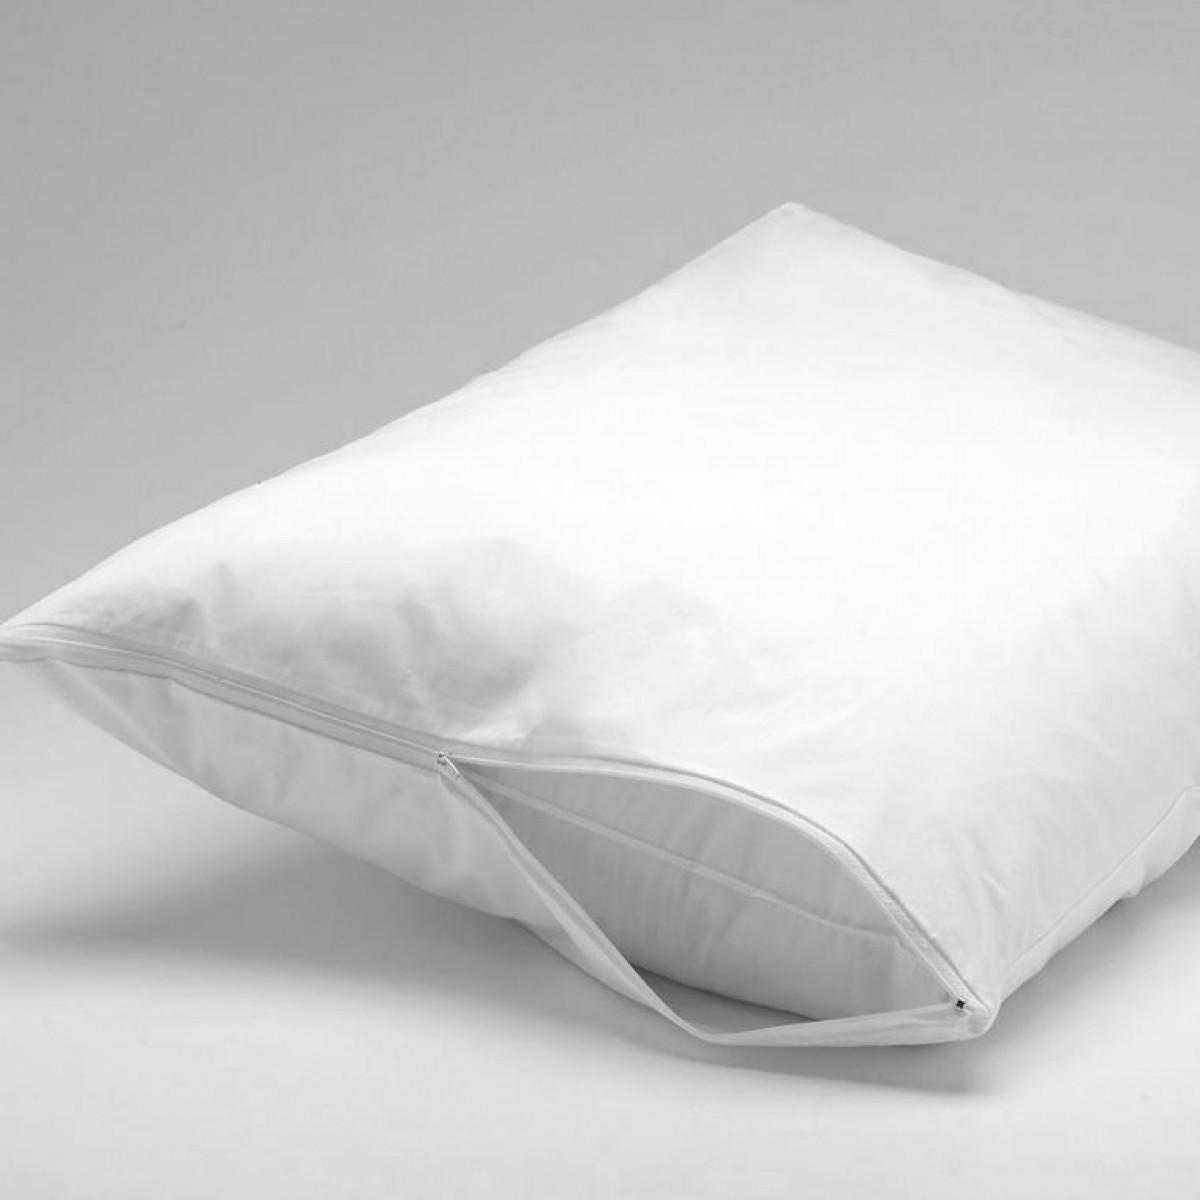 formesse kussenmolton wit 40 x 60 2 stuks. Black Bedroom Furniture Sets. Home Design Ideas